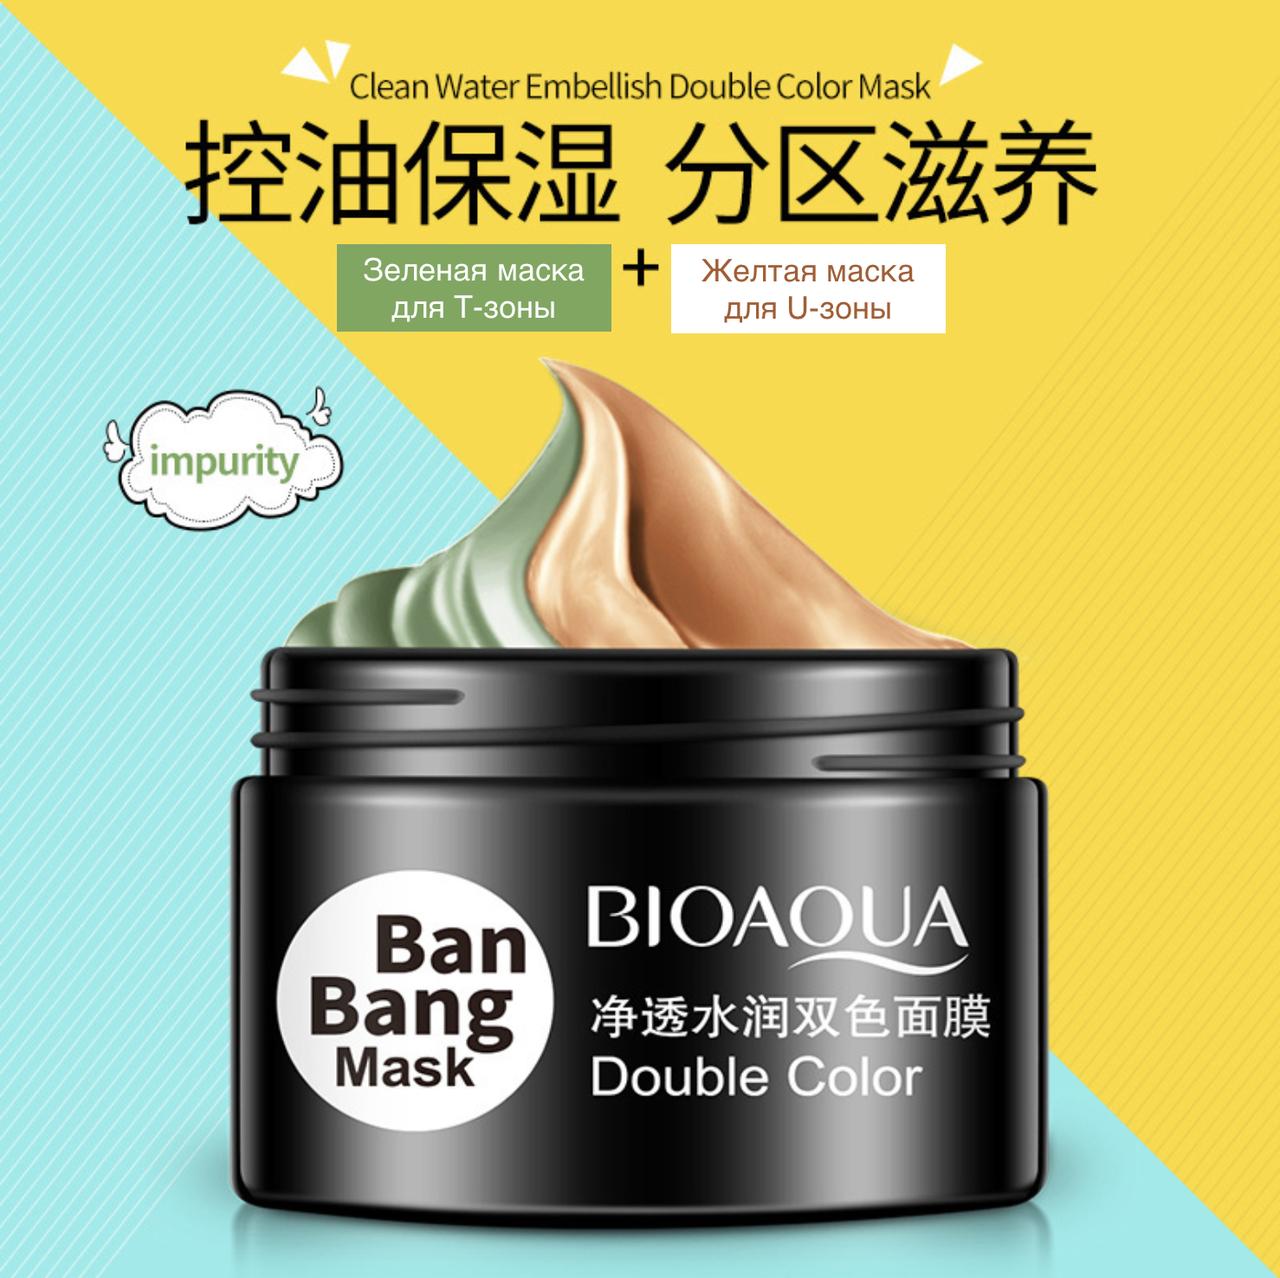 Двойная маска BIOAQUA Ban Bang Mask Double Color очищающая, 100 г